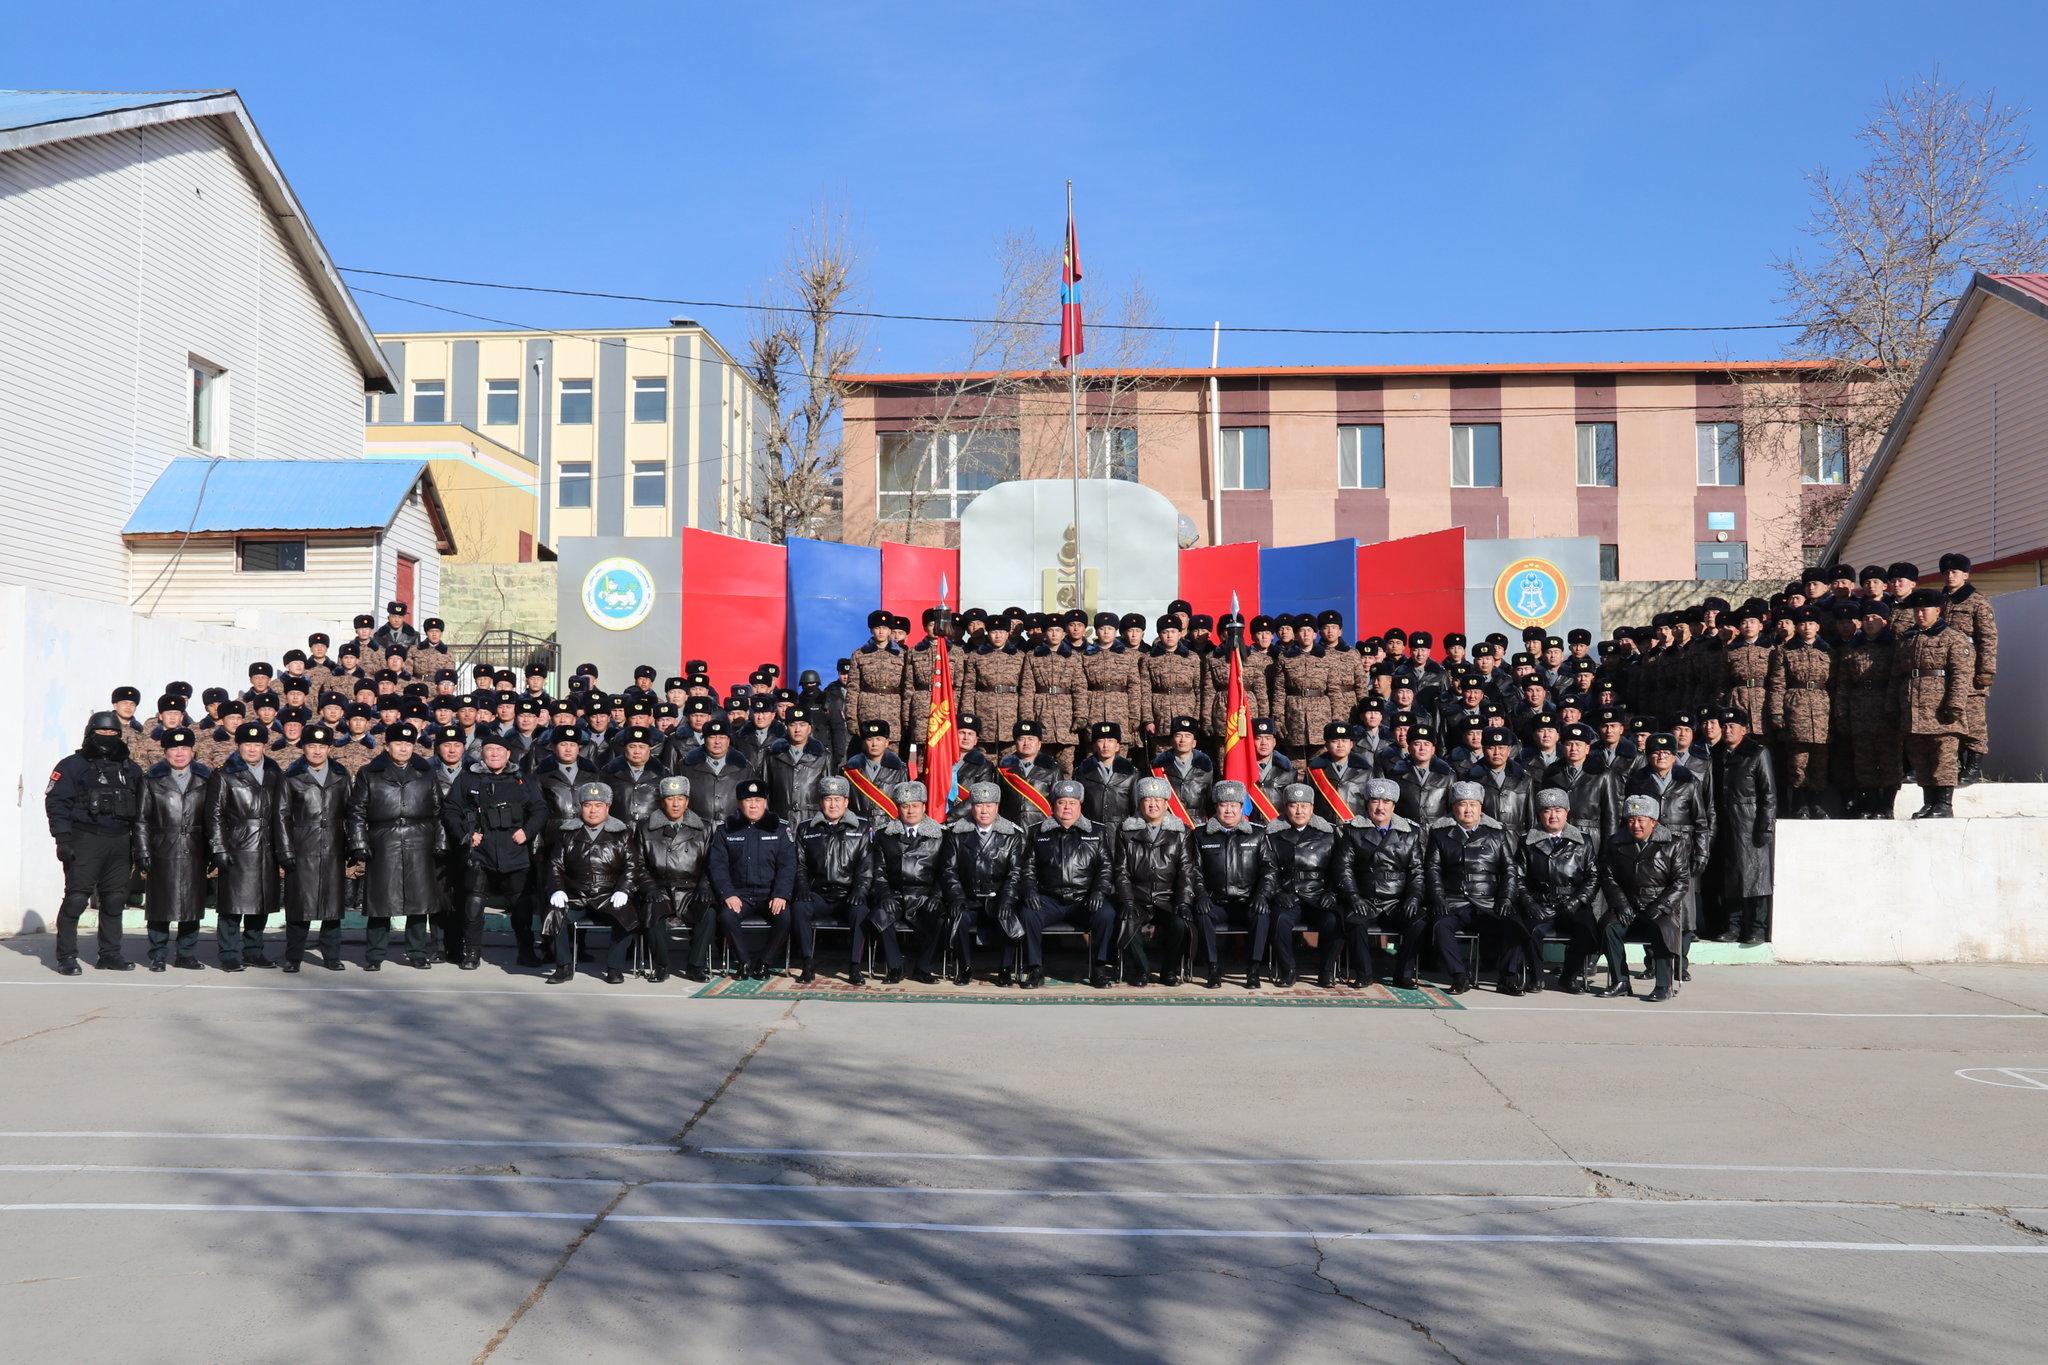 Цагдаагийн ерөнхий газрын удирдлагууд Дотоодын цэргийн штабт ажиллалаа